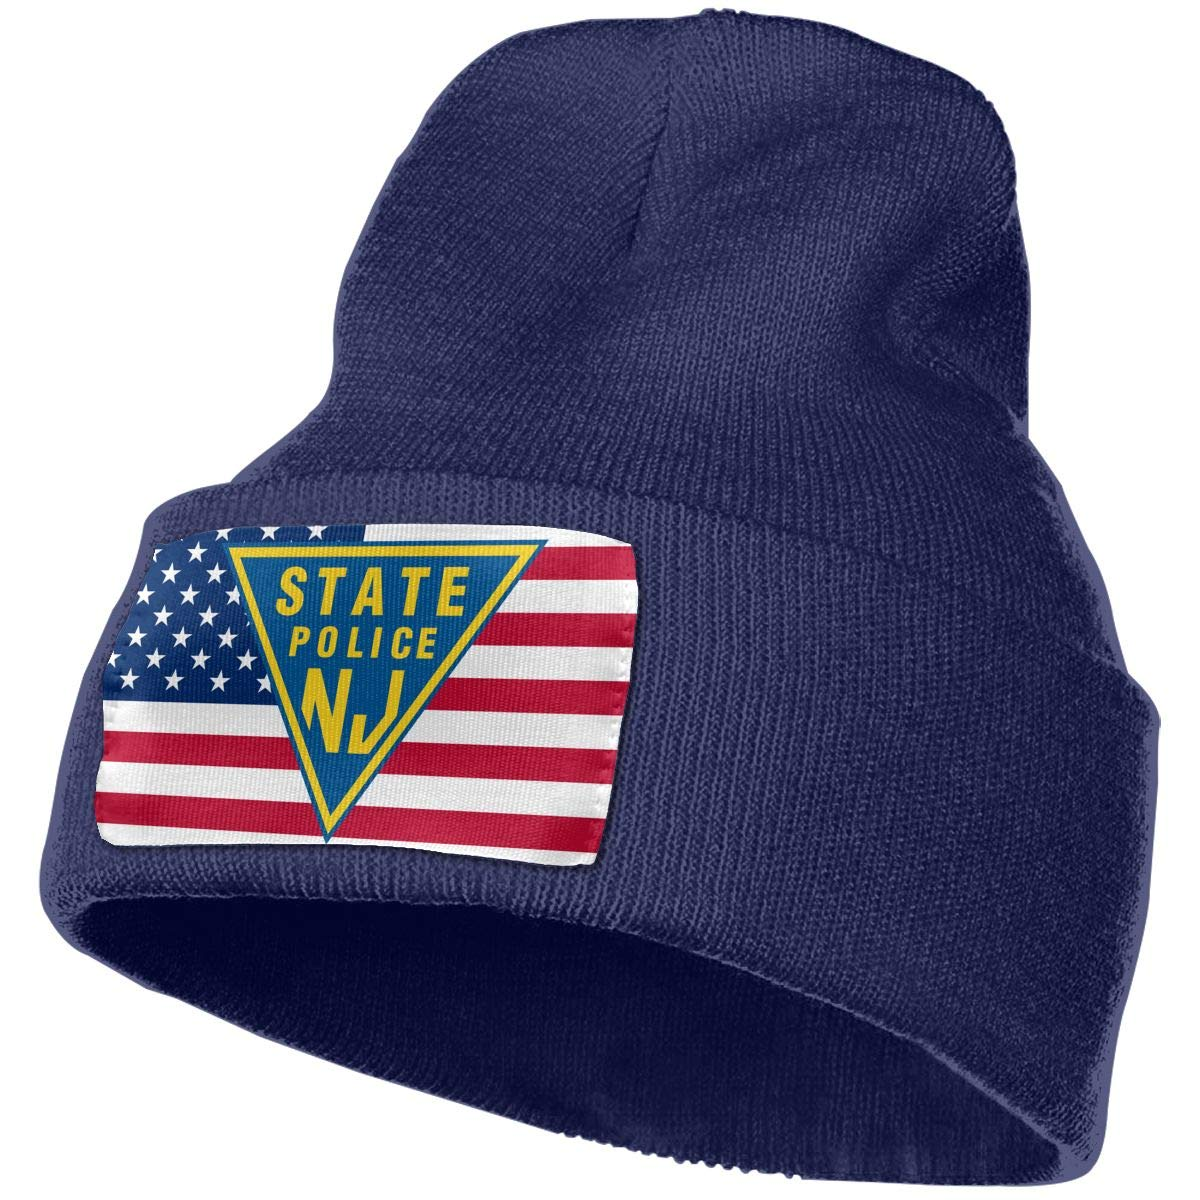 NJ State Police Men/&Women Warm Winter Knit Plain Beanie Hat Skull Cap Acrylic Knit Cuff Hat